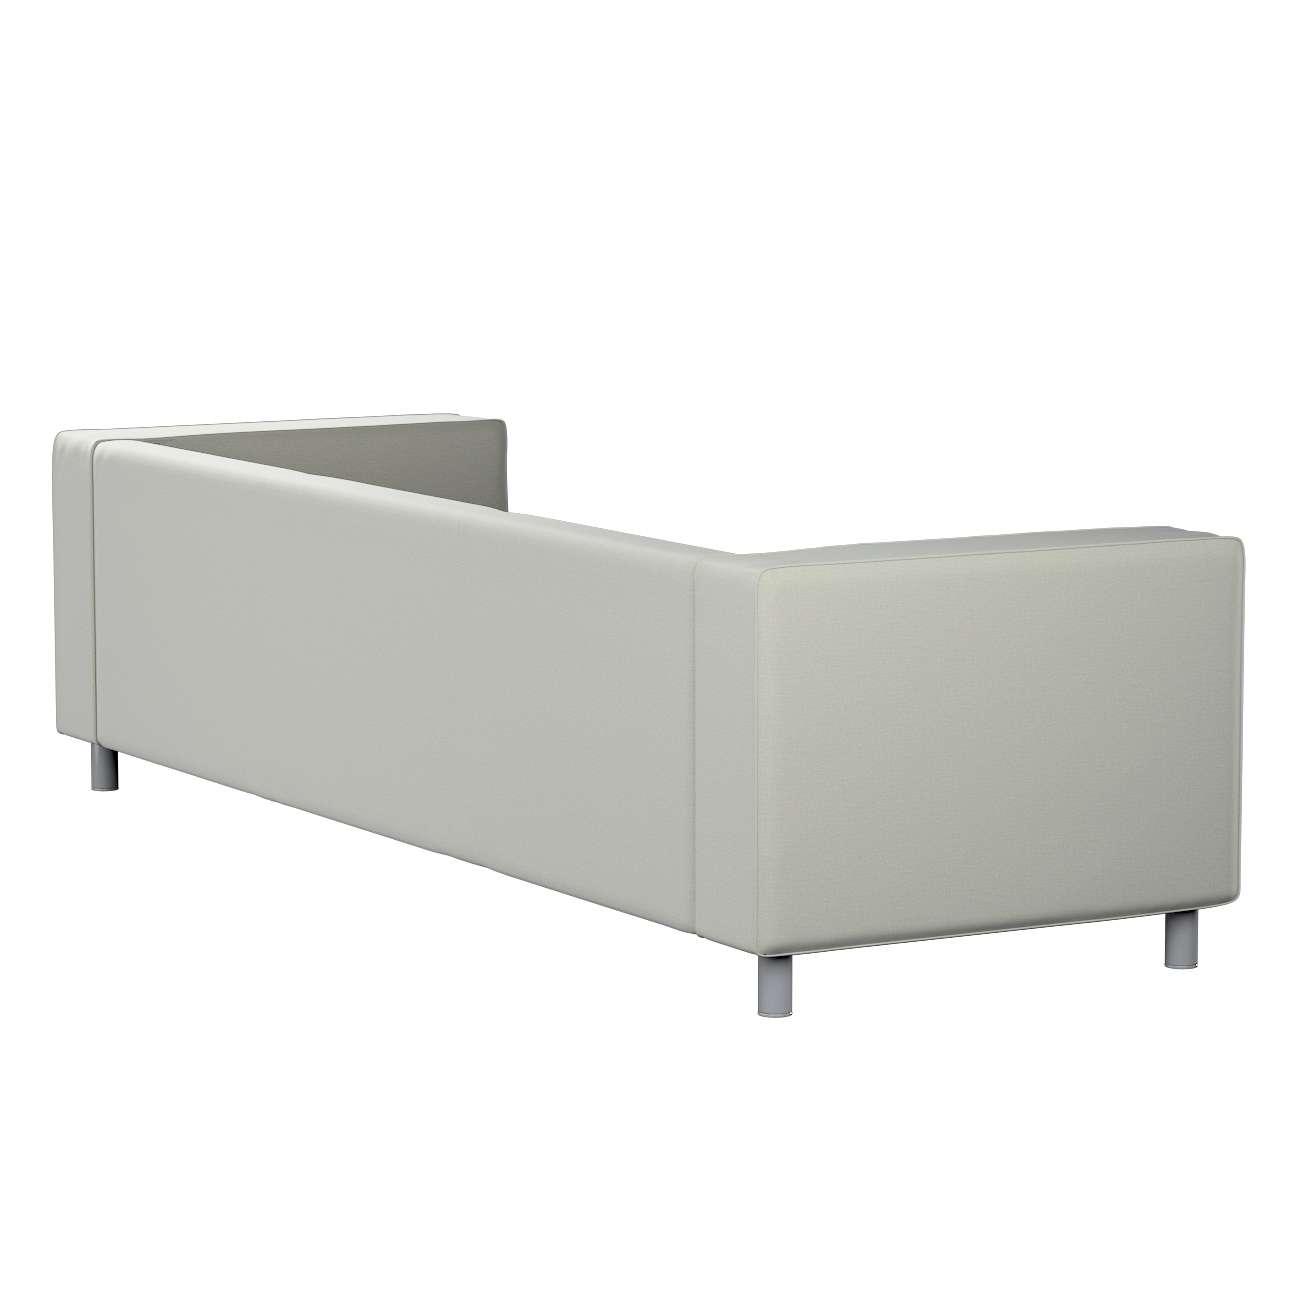 Pokrowiec na sofę Klippan 4-osobową w kolekcji Ingrid, tkanina: 705-41